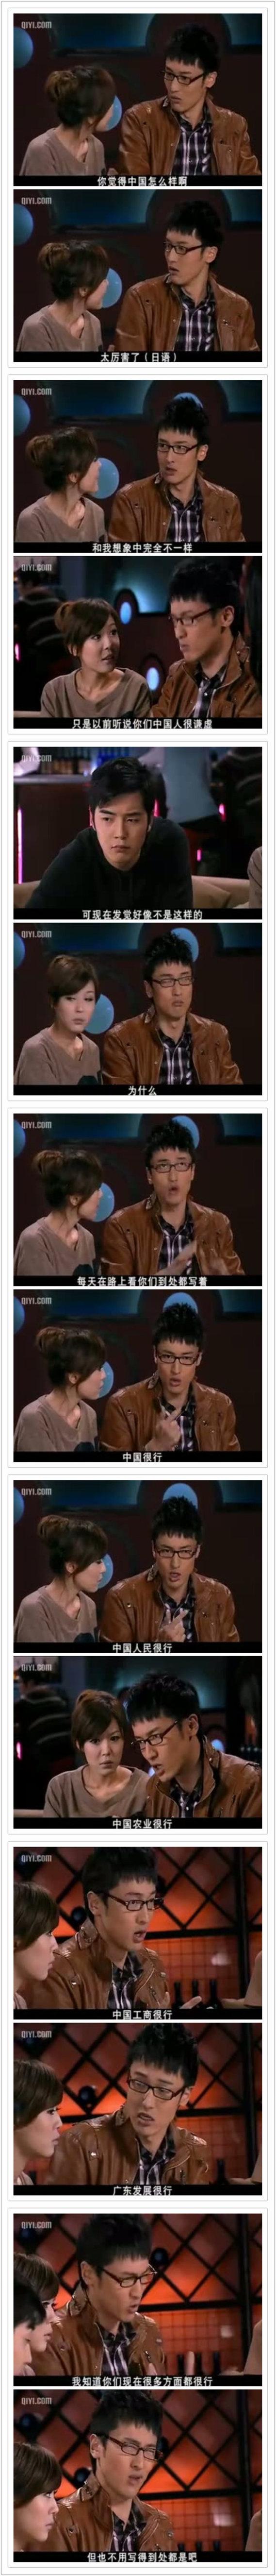 额,这真是对中国最大的误会了!!!